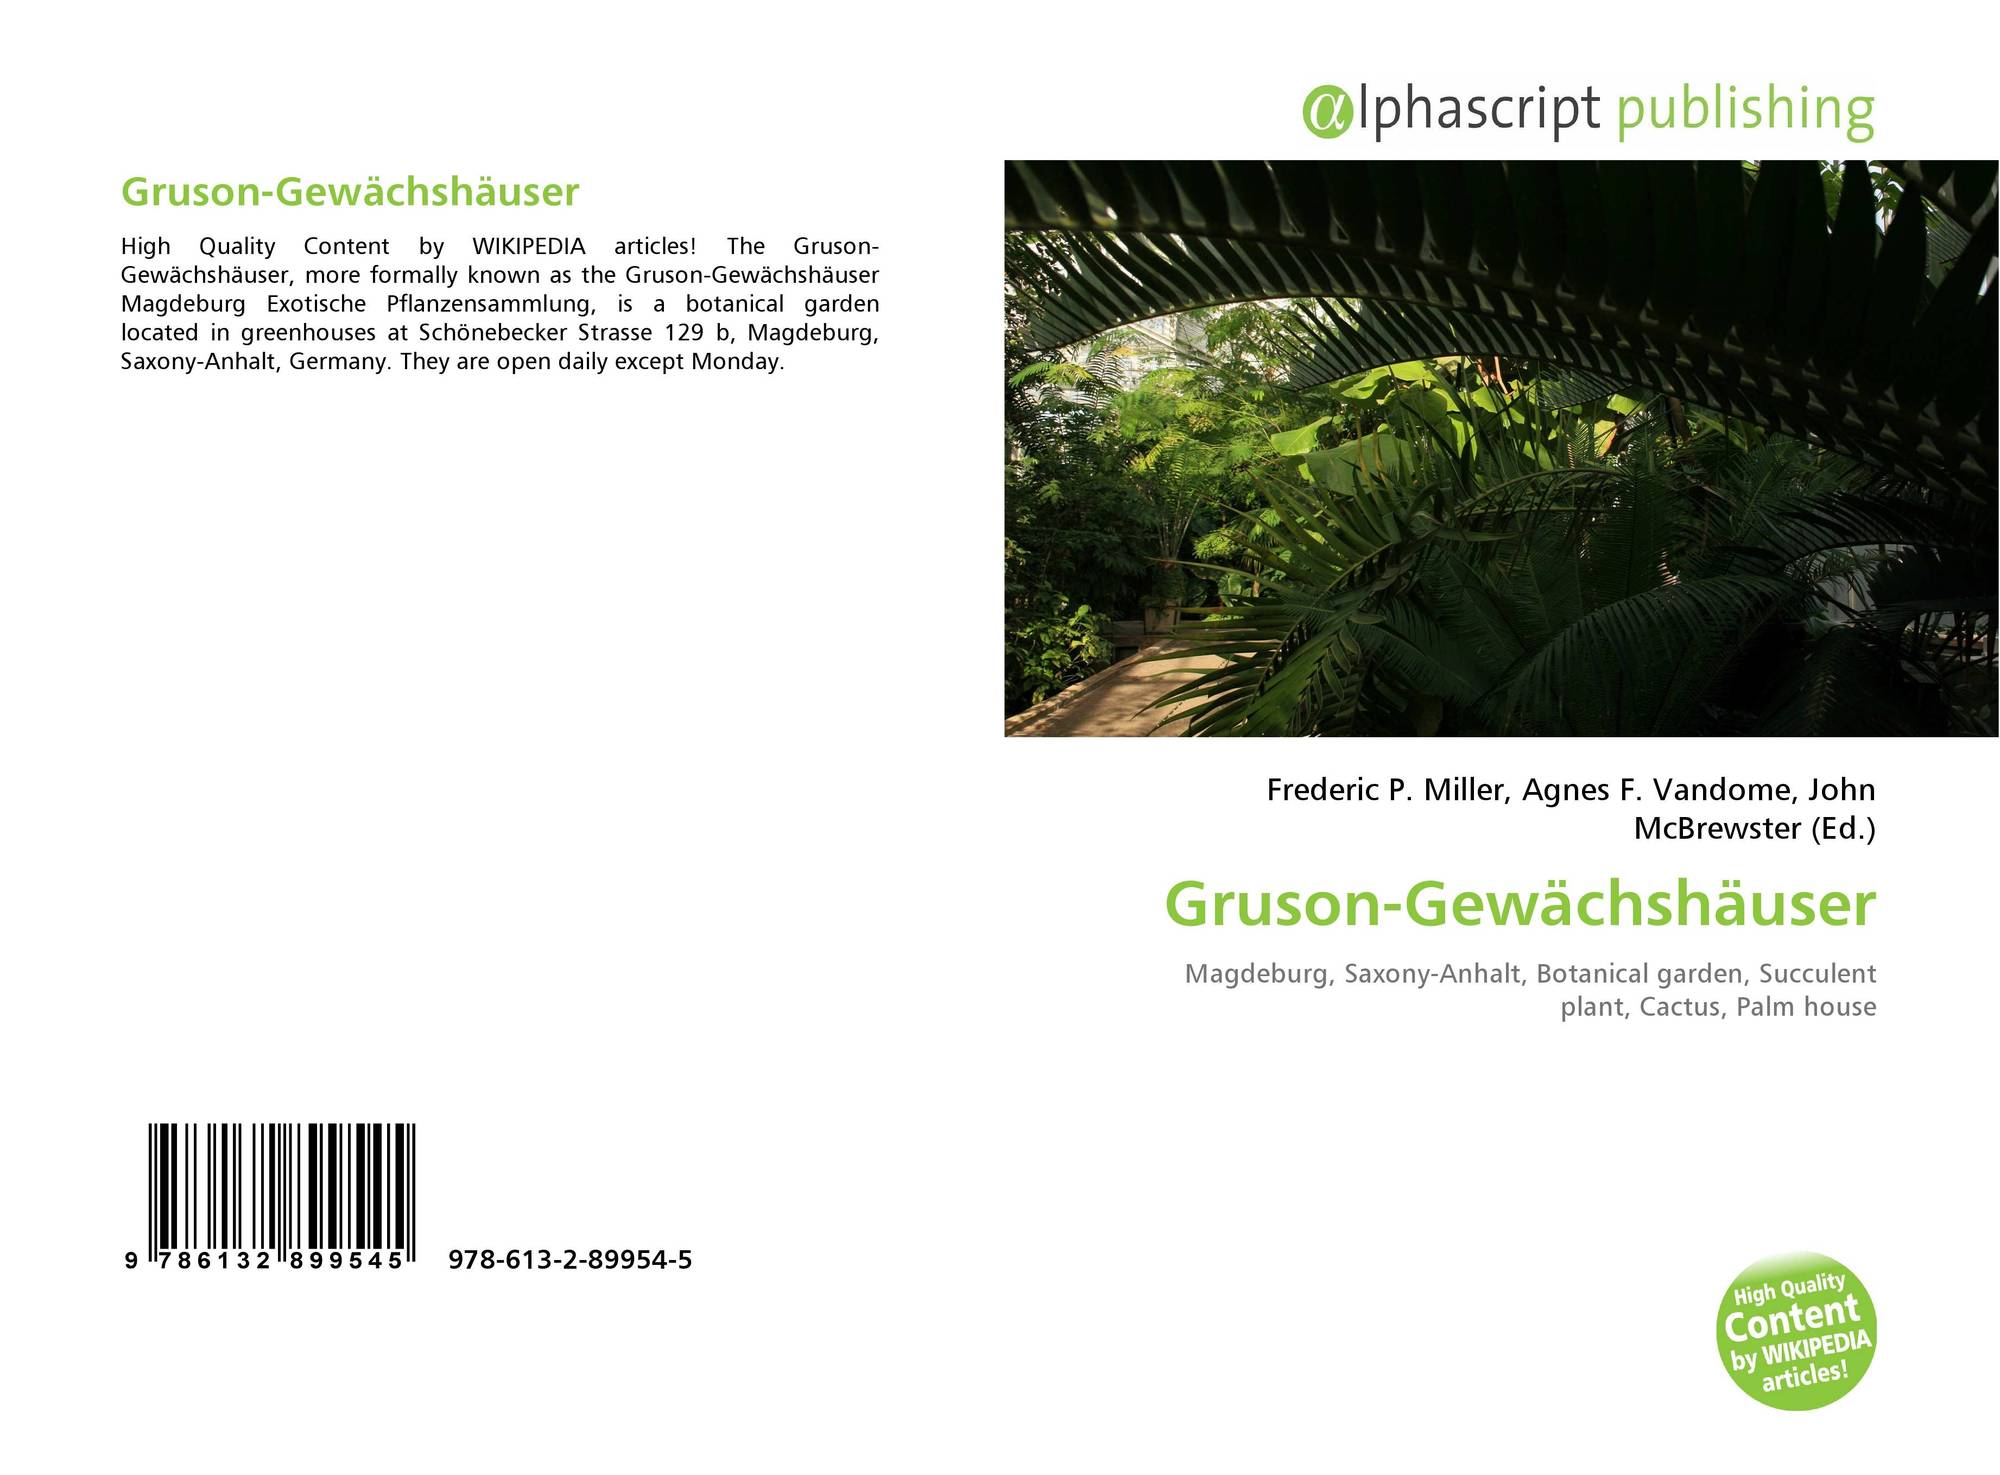 Gruson Gewachshauser 978 613 2 89954 5 6132899545 9786132899545